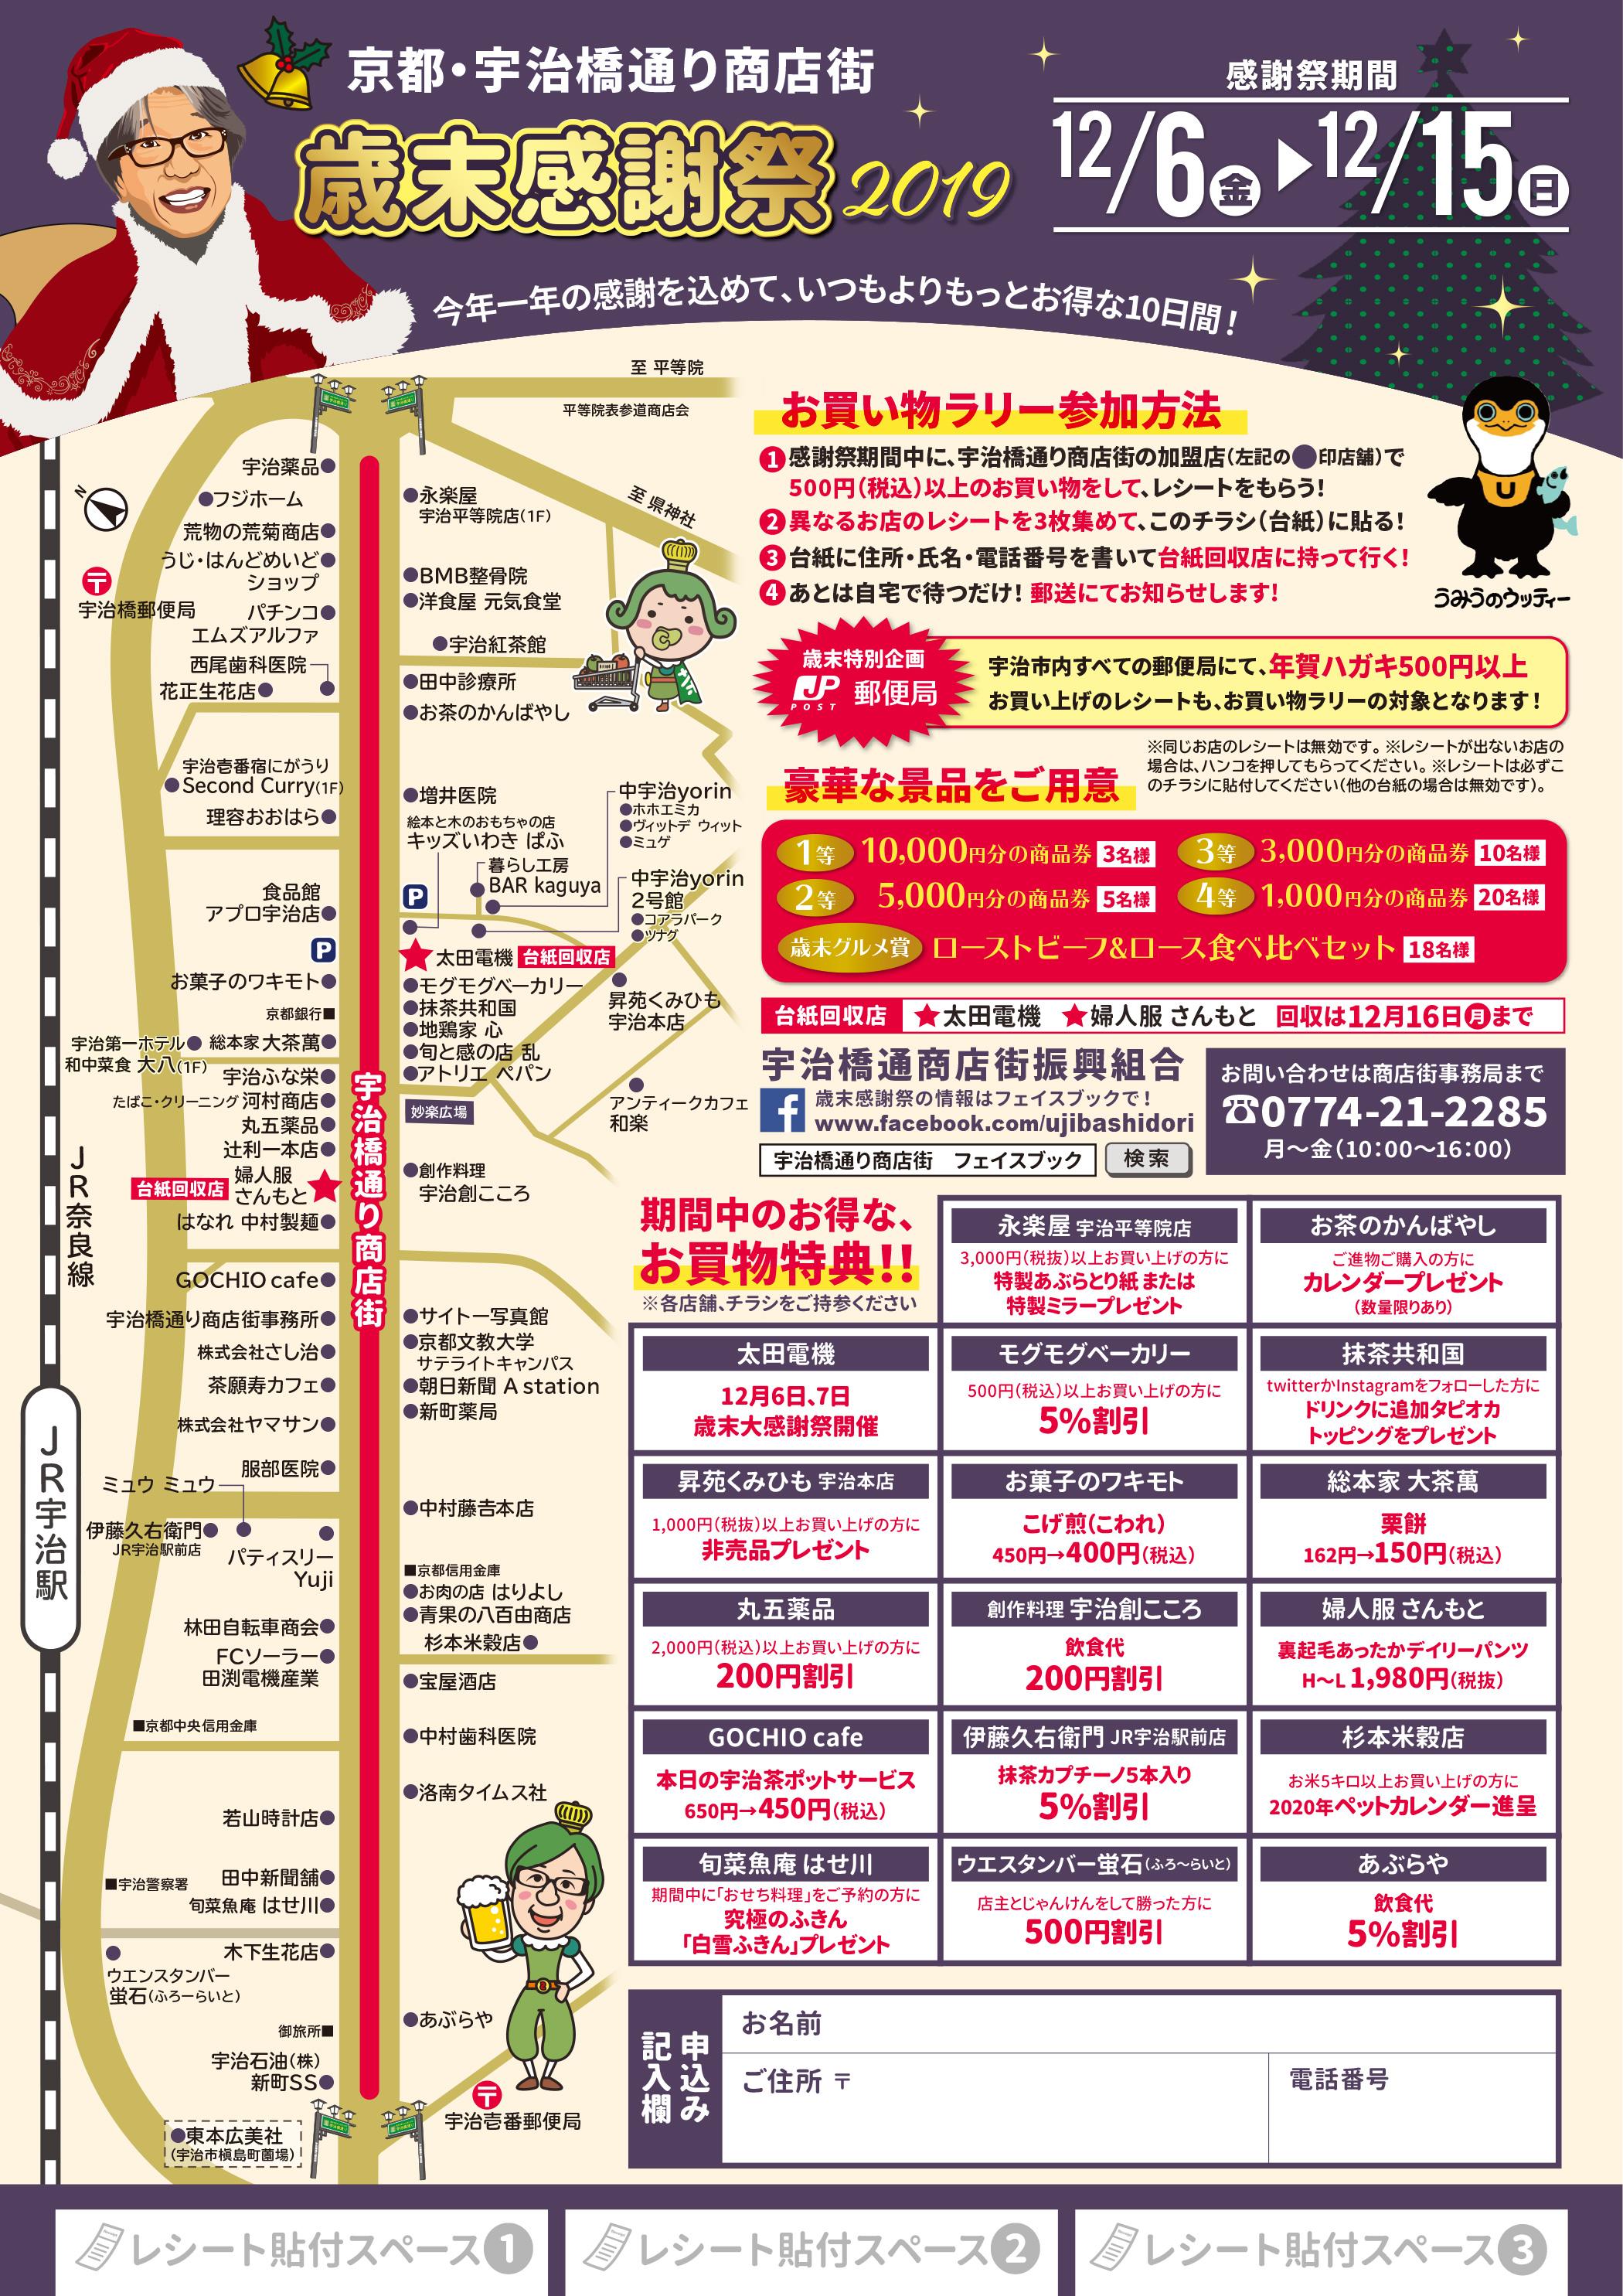 京都・宇治橋通り商店街 歳末感謝祭(2019.12.6)